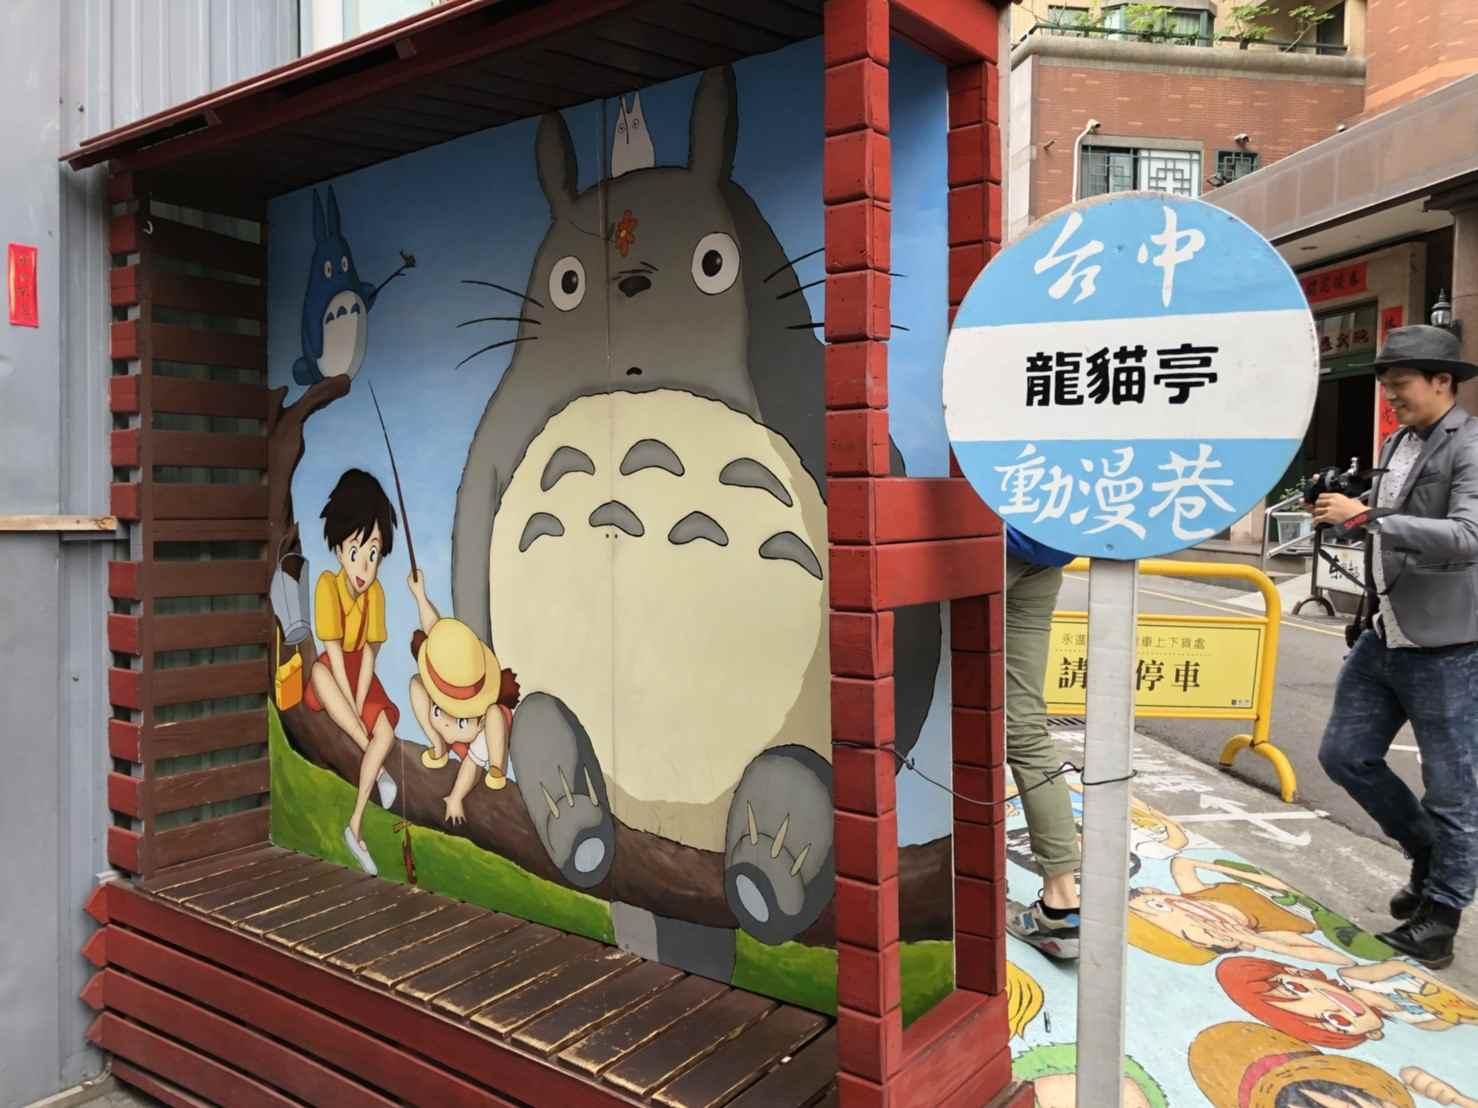 【台湾】taiwanアートに触れる旅6 動漫彩繪巷 in台中